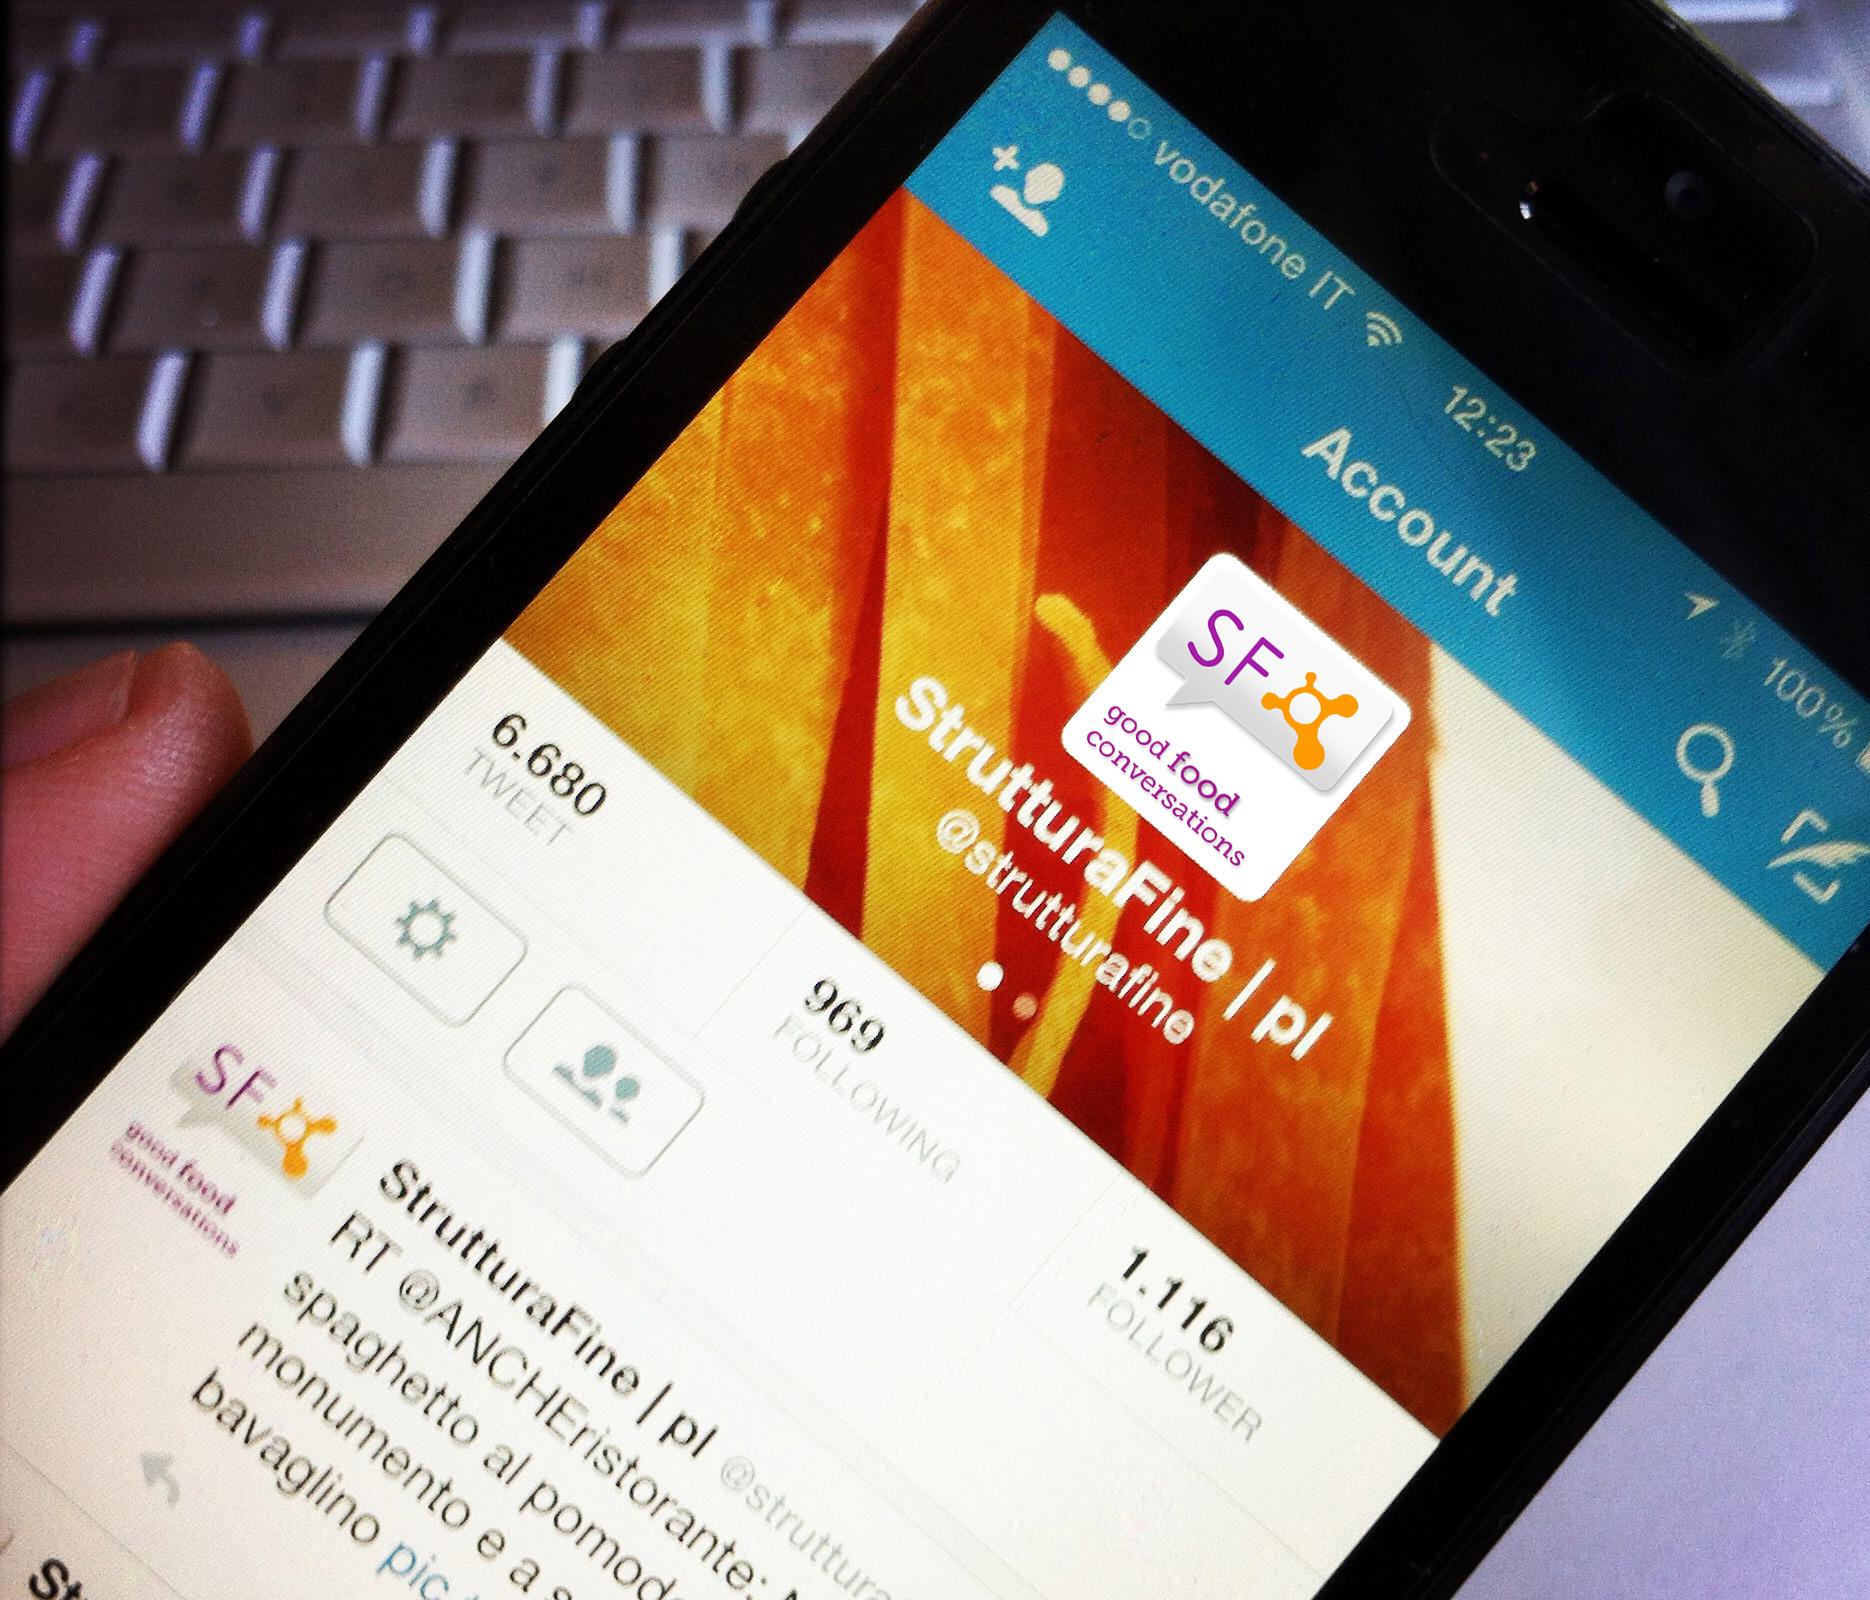 Risorse per il Social Media marketing | Strutturafine